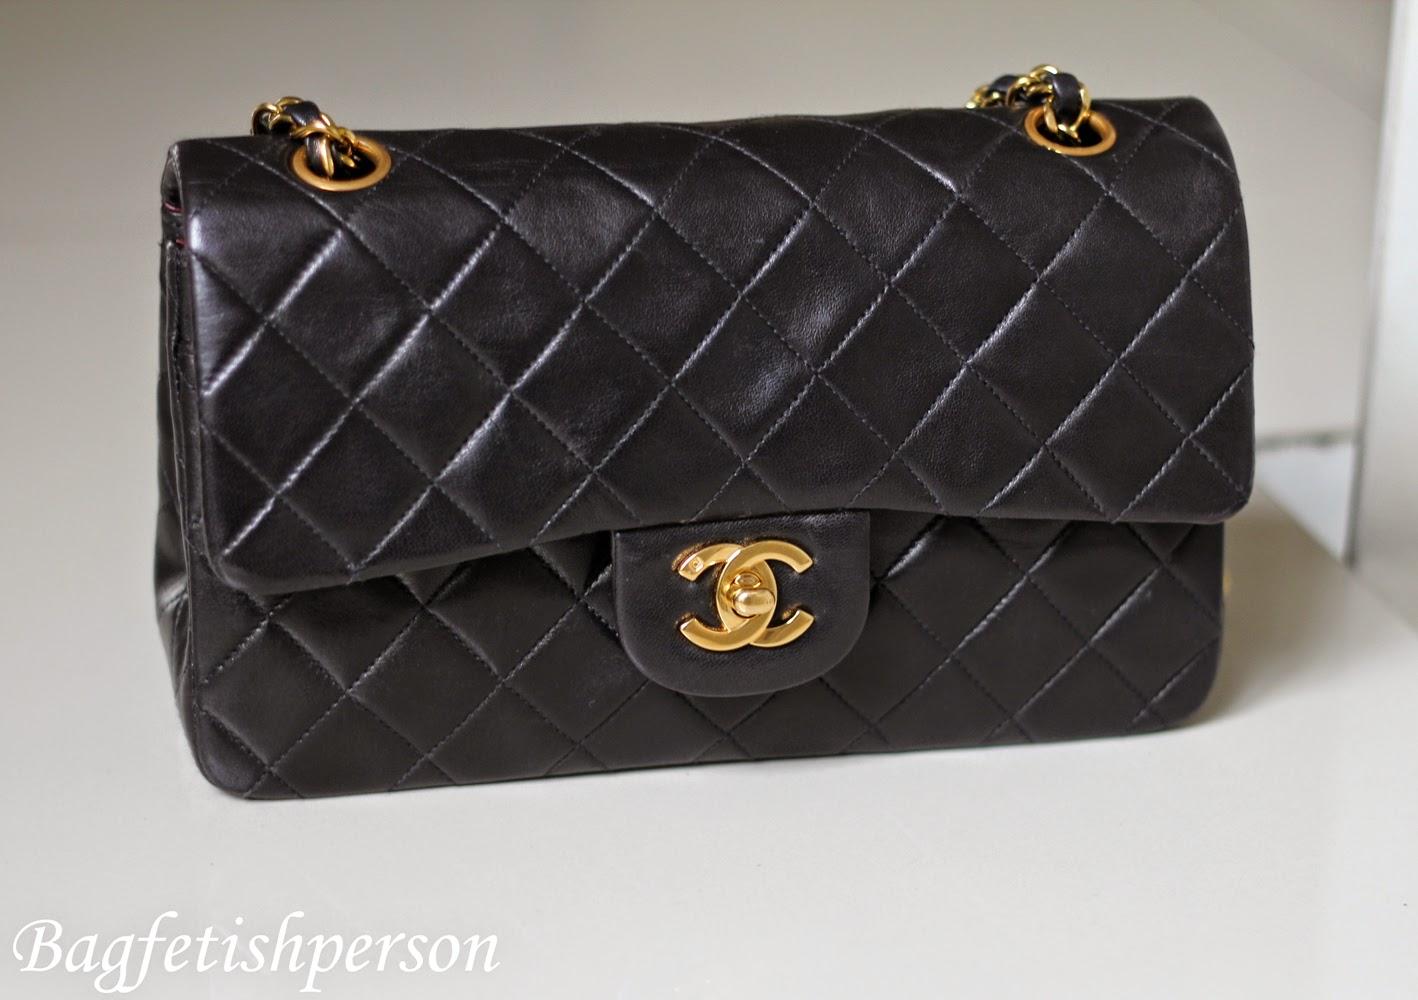 Bagfetishperson chanel vintage flap bag - Vintage chanel ...